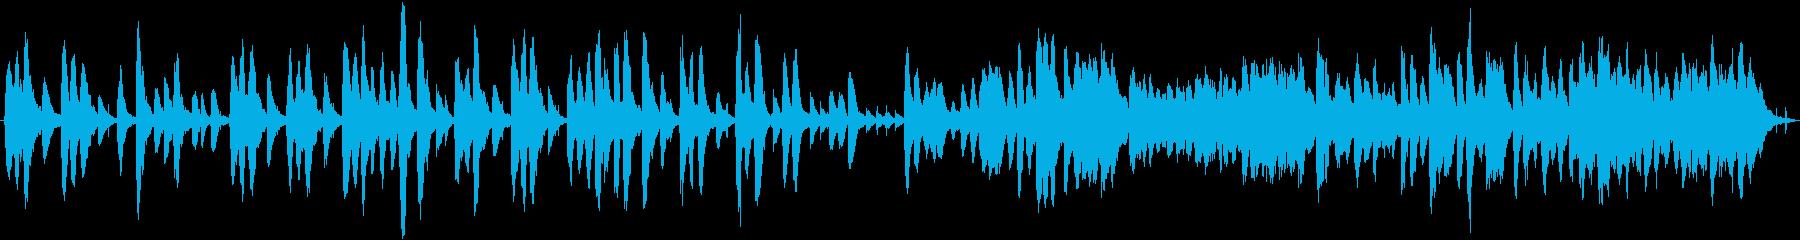 ほのぼの可愛らしい雰囲気のBGMの再生済みの波形